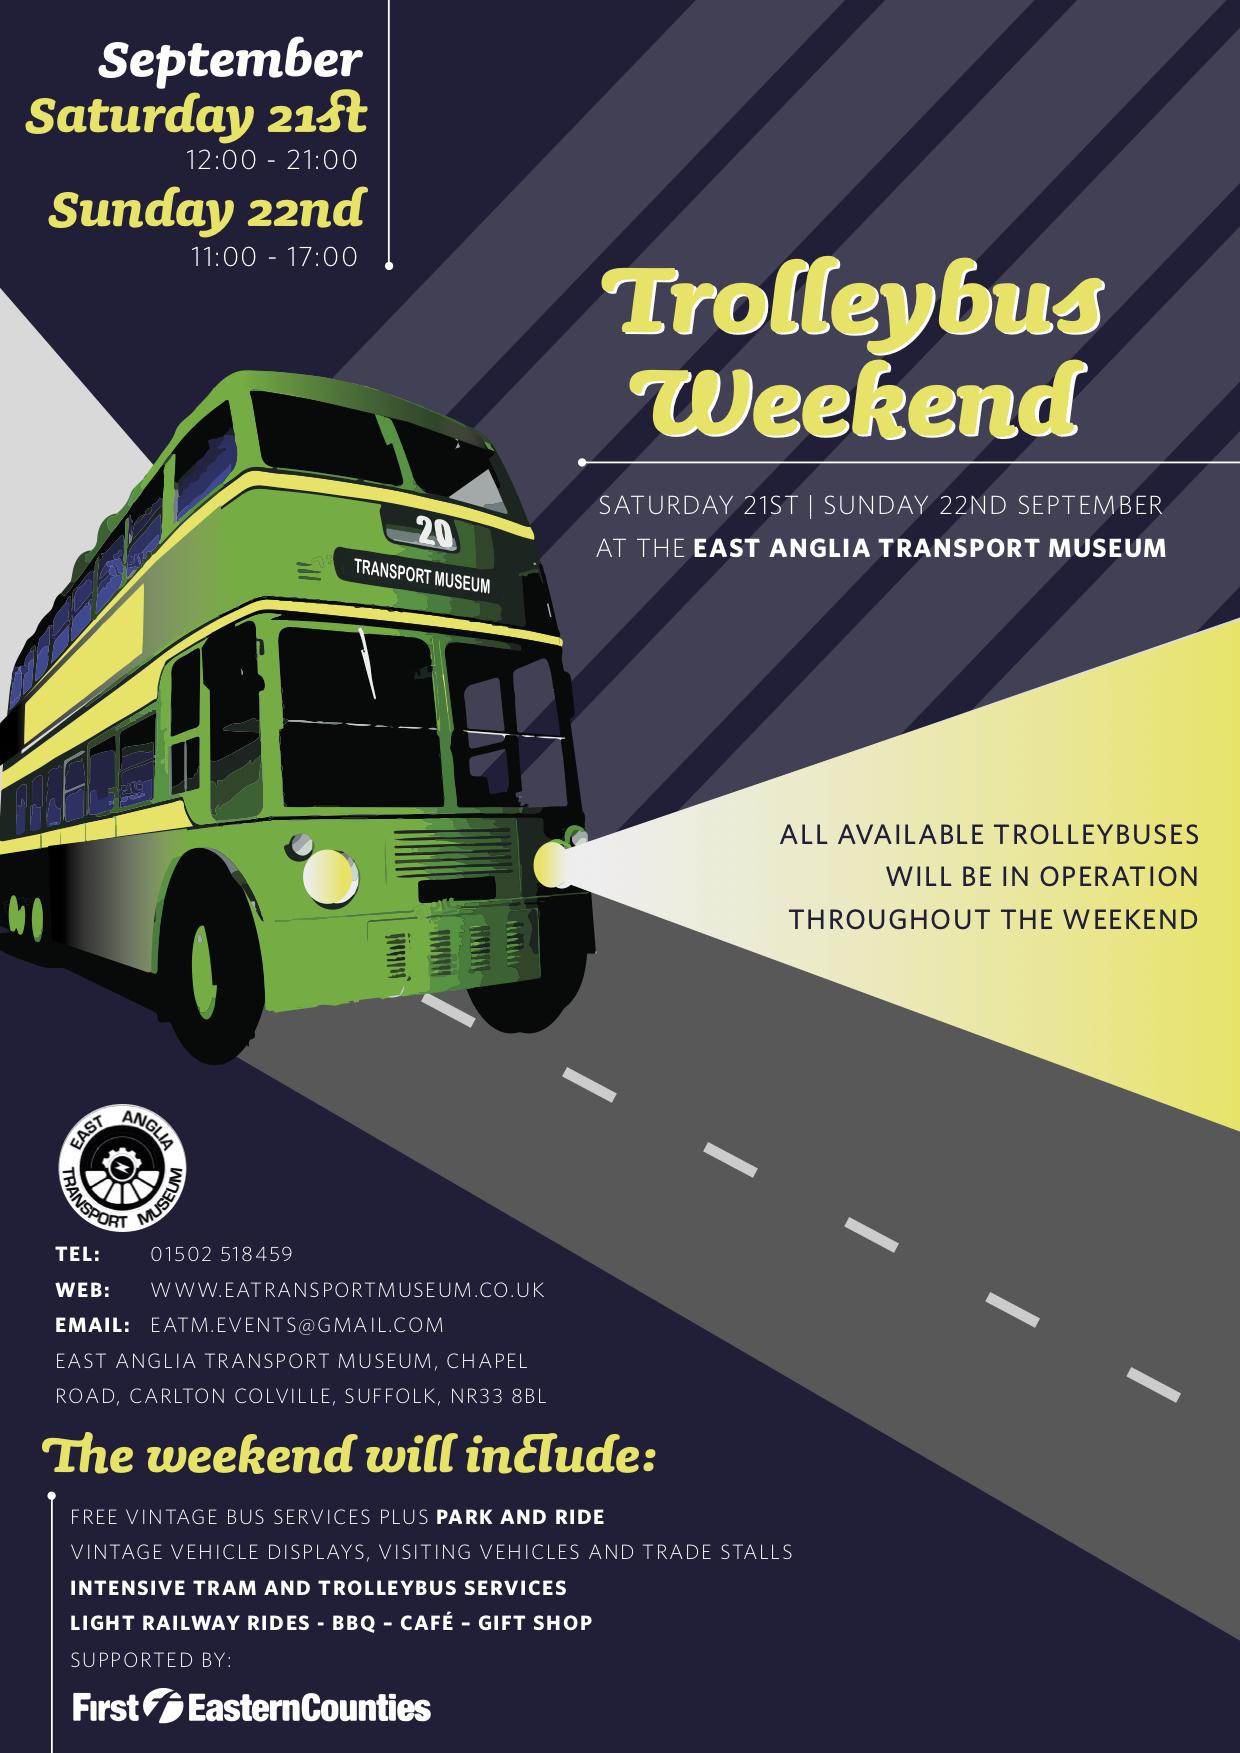 Trolleybus Weekend 2019